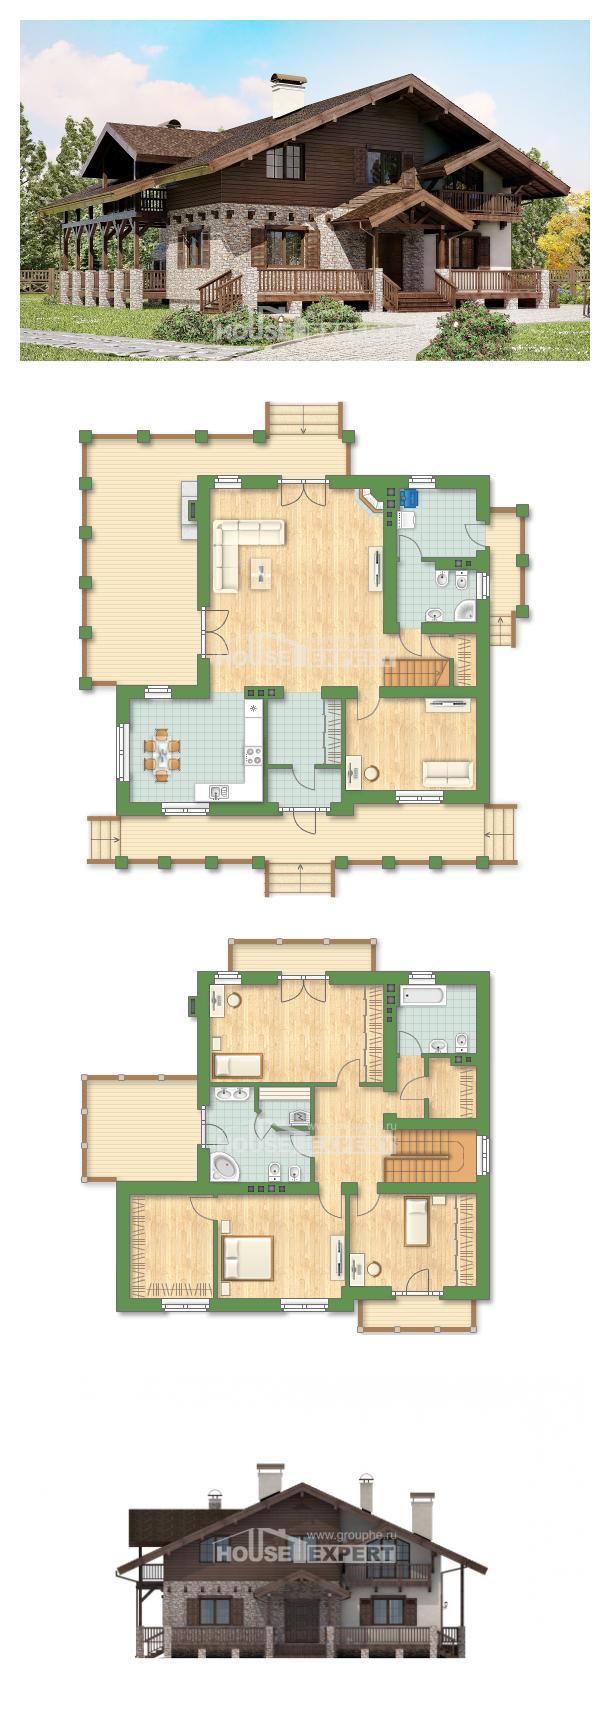 Plan 250-003-R | House Expert